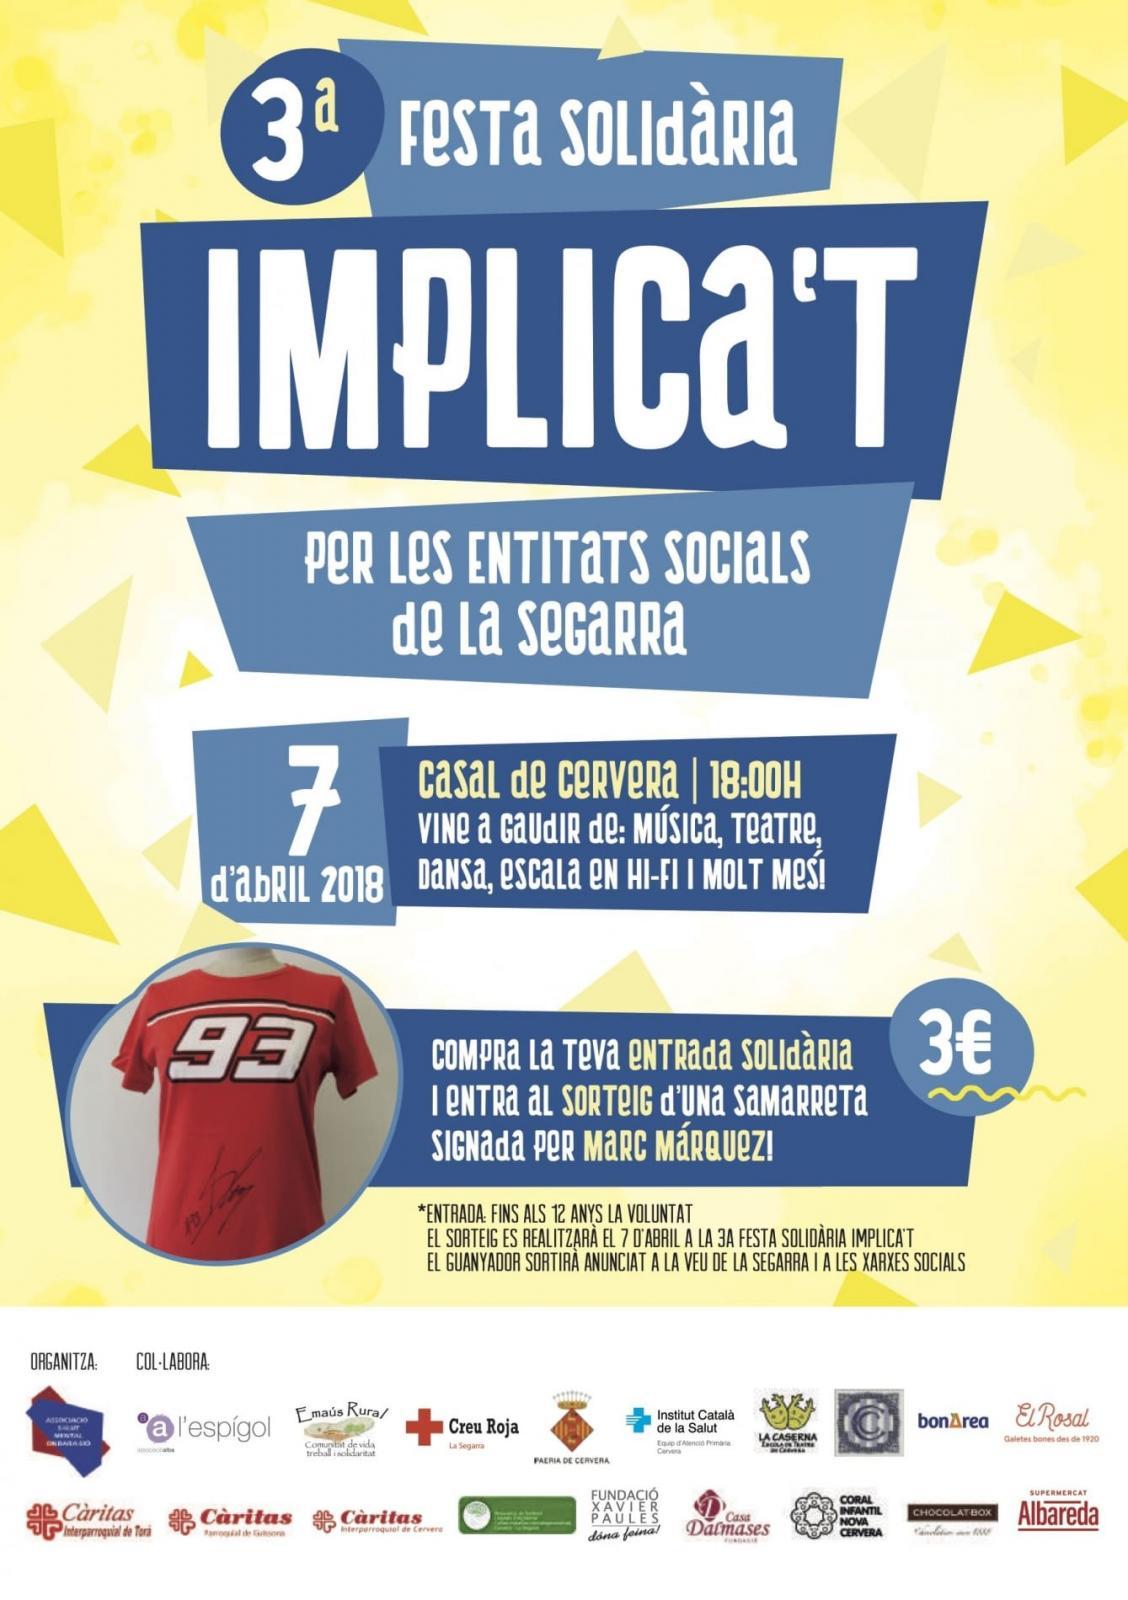 3ª Festa Implica't per les entitats socials de la Segarra